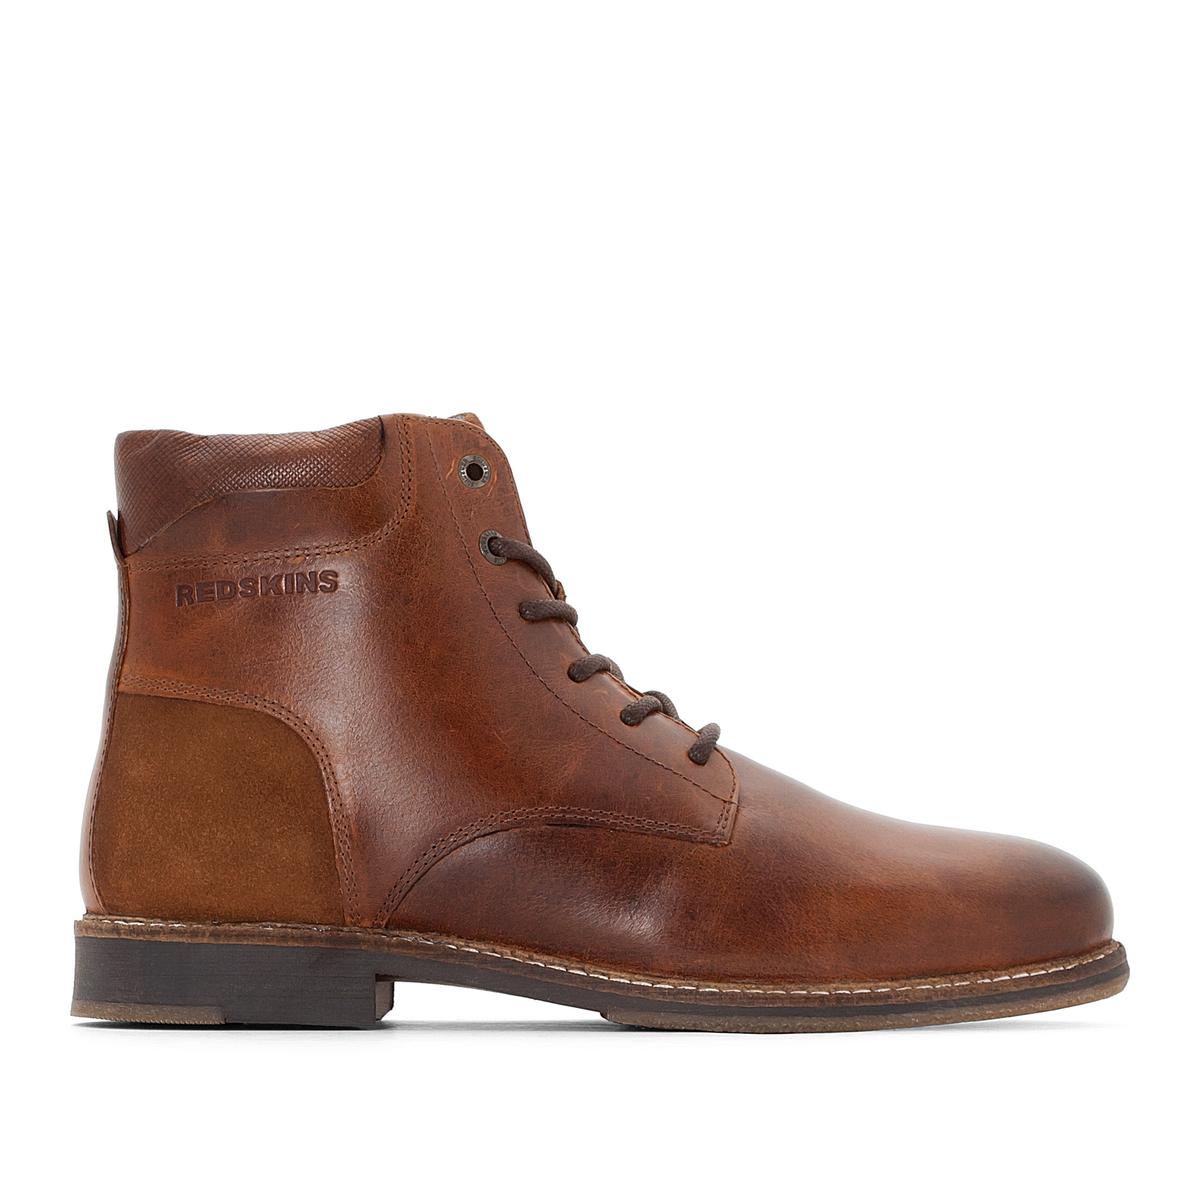 Ботильоны кожаные JIVAROОписание:Детали  •  Высота каблука : 2 см.  •  Застежка : шнуровка •  Круглый мысок •  Гладкая отделкаСостав и уход  •  Верх 100% кожа •  Подкладка 100% текстиль •  Стелька 100% кожа •  Подошва 100% эластомер<br><br>Цвет: коньячный<br>Размер: 41